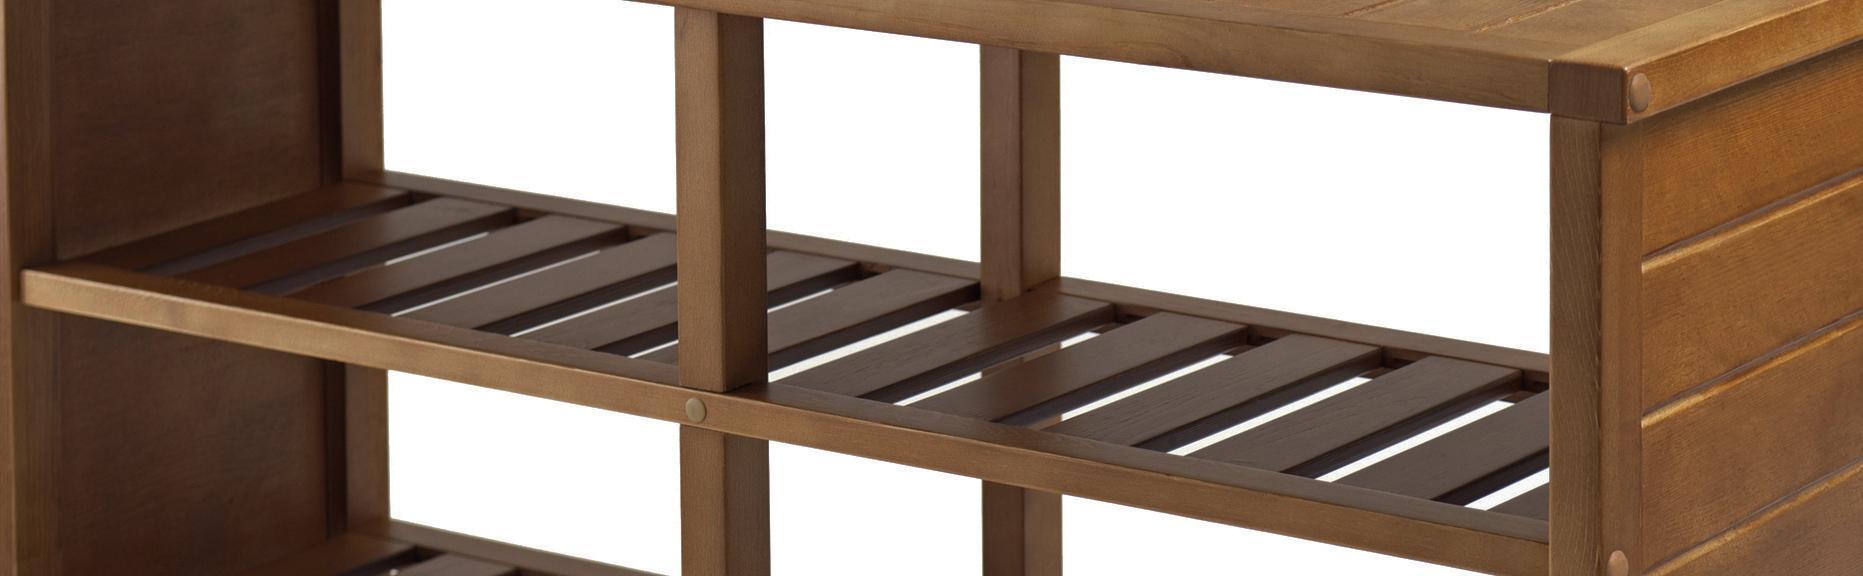 Winsome Keystone Shoe Storage Bench Teak